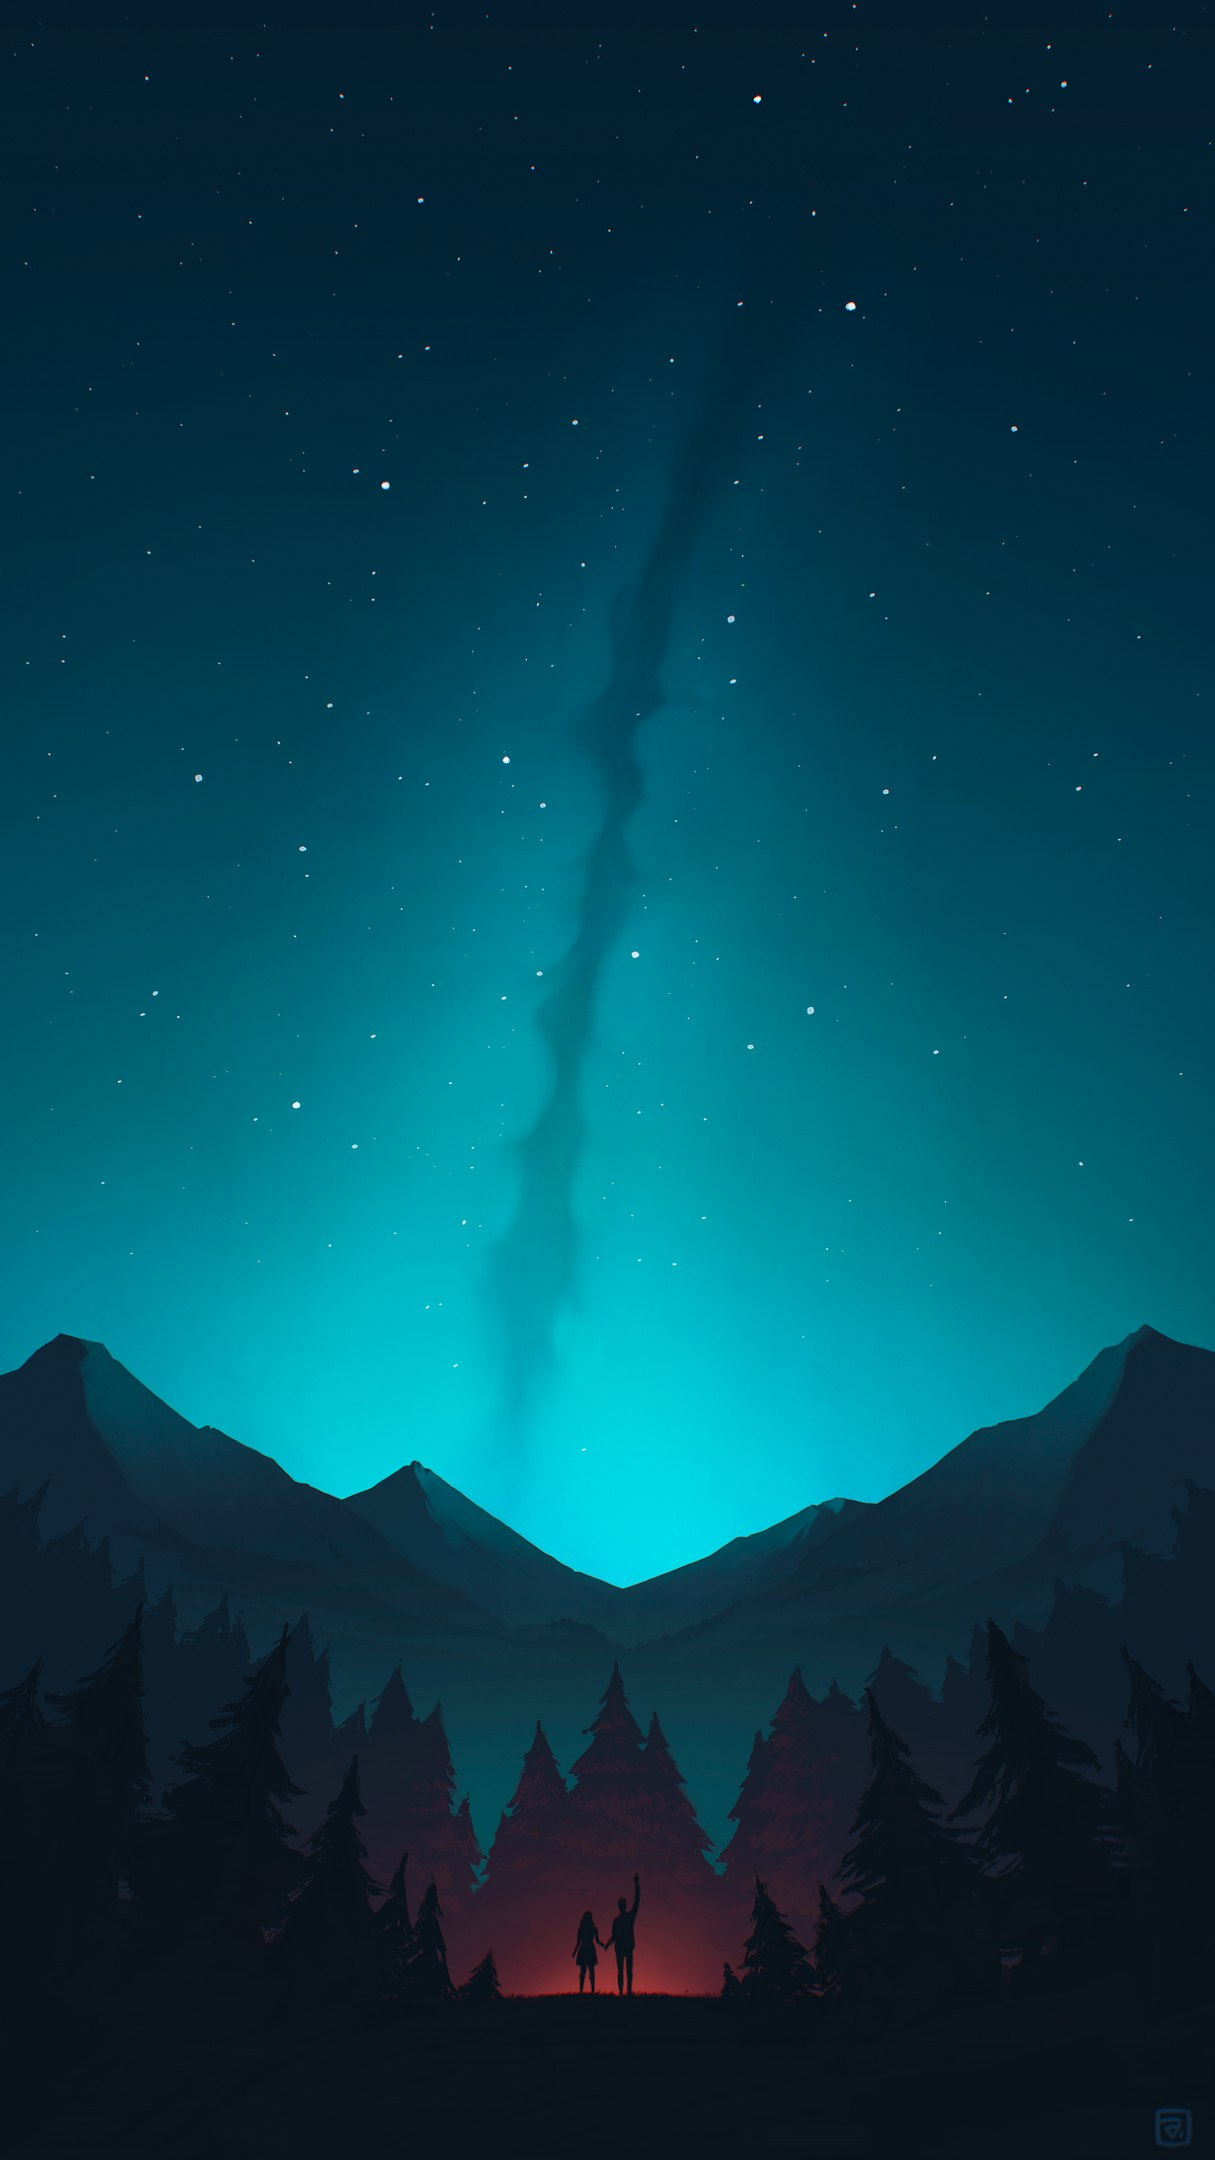 Звёздное небо и космос в картинках - Страница 4 Ci1BAt-0AGI